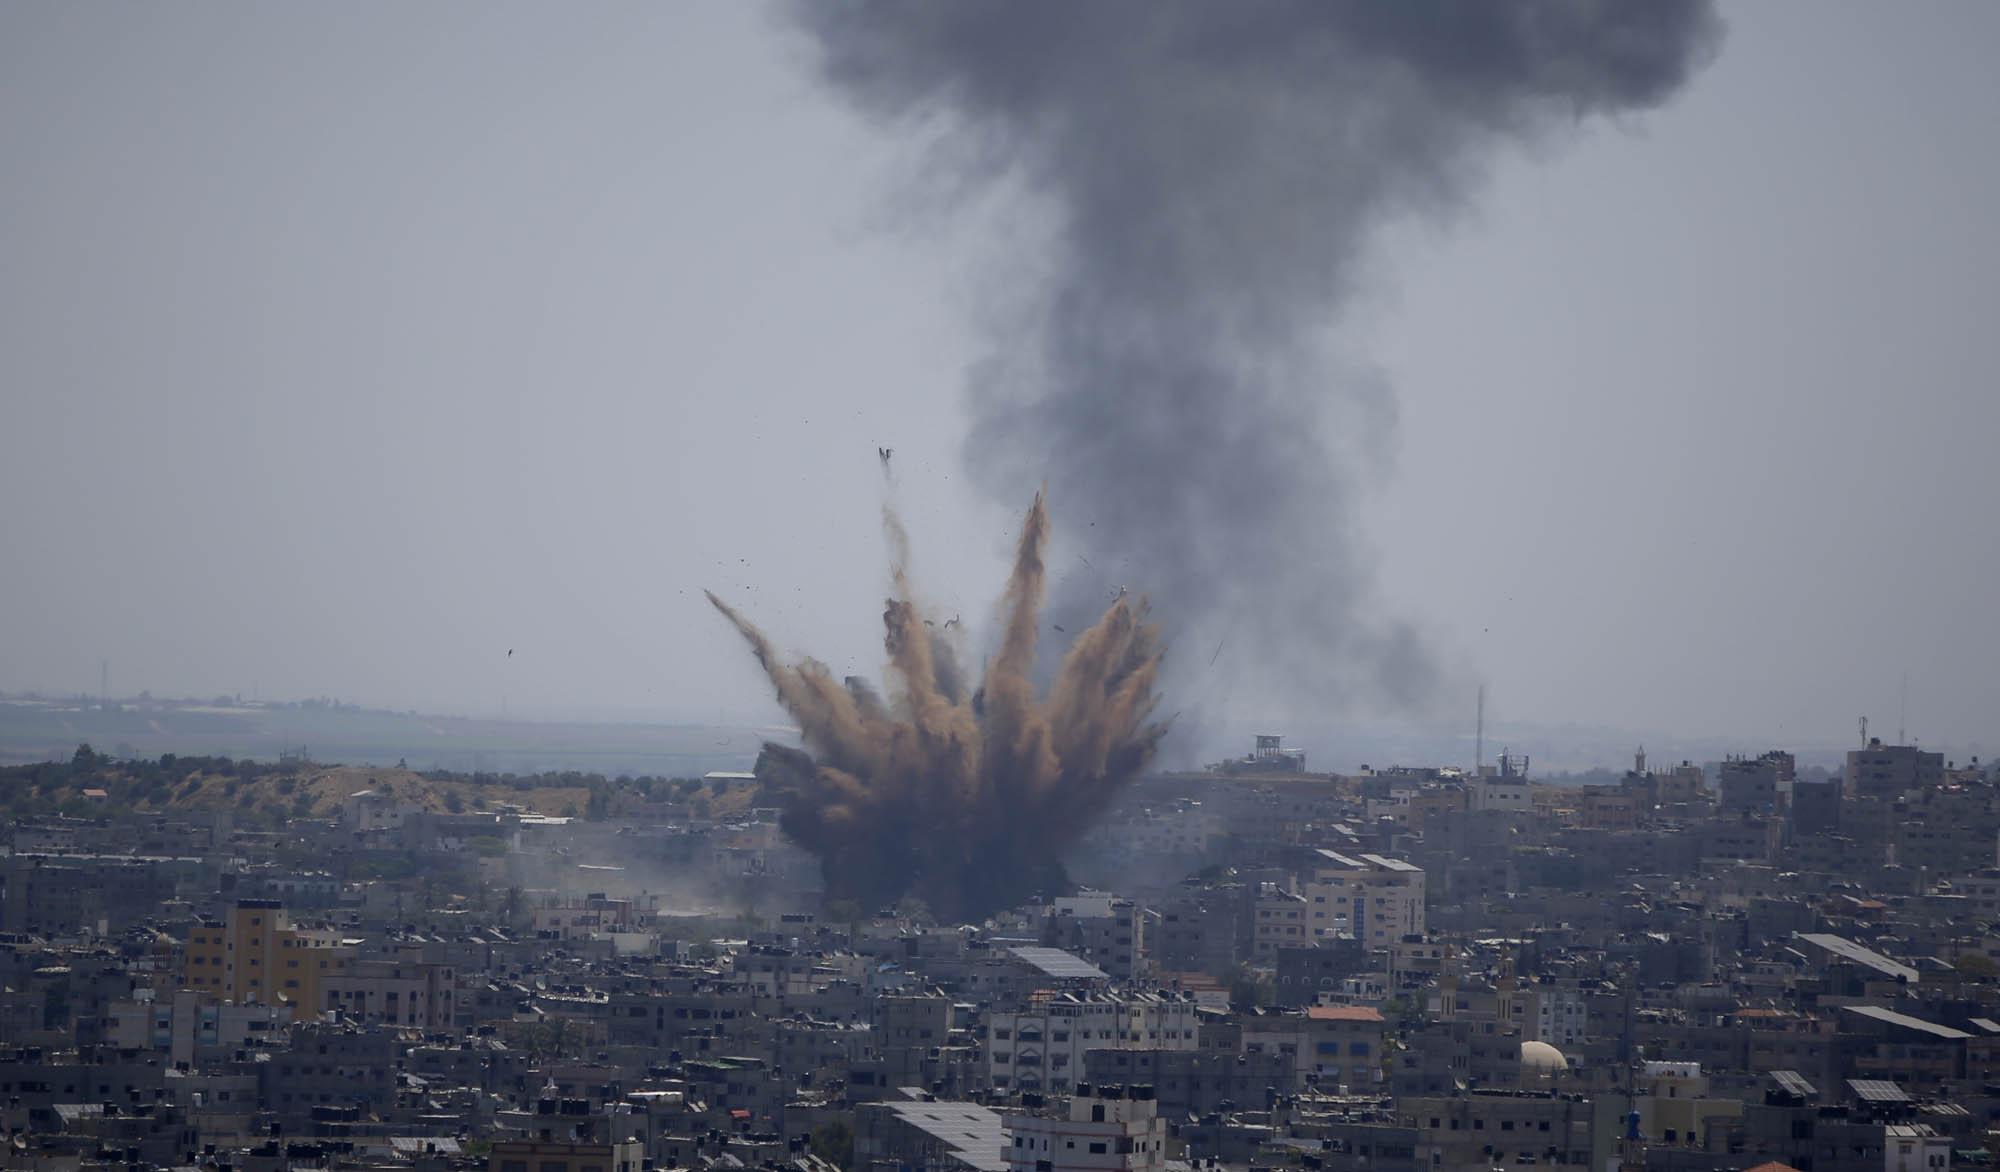 غارات الاحتلال على غزة